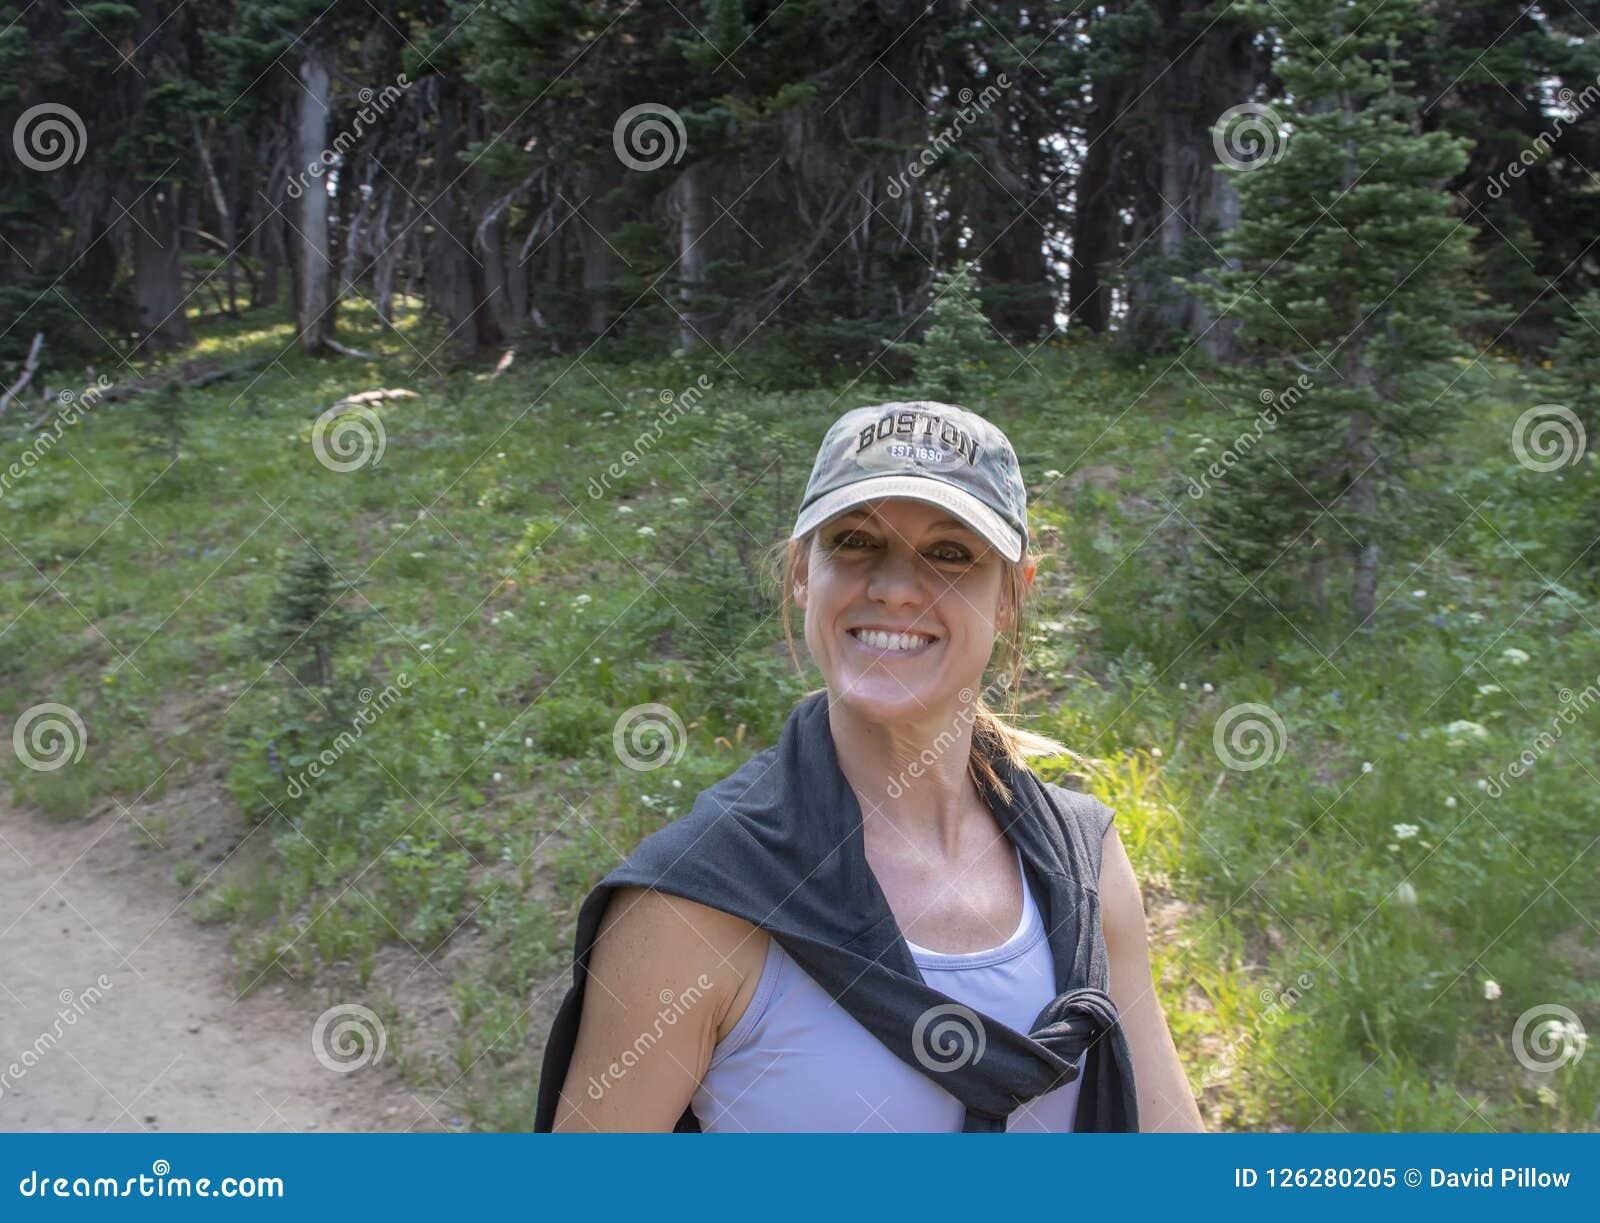 Kaukaska czterdzieści pięć yearold matka cieszy się podwyżkę w góra Dżdżystym parku narodowym, Waszyngton